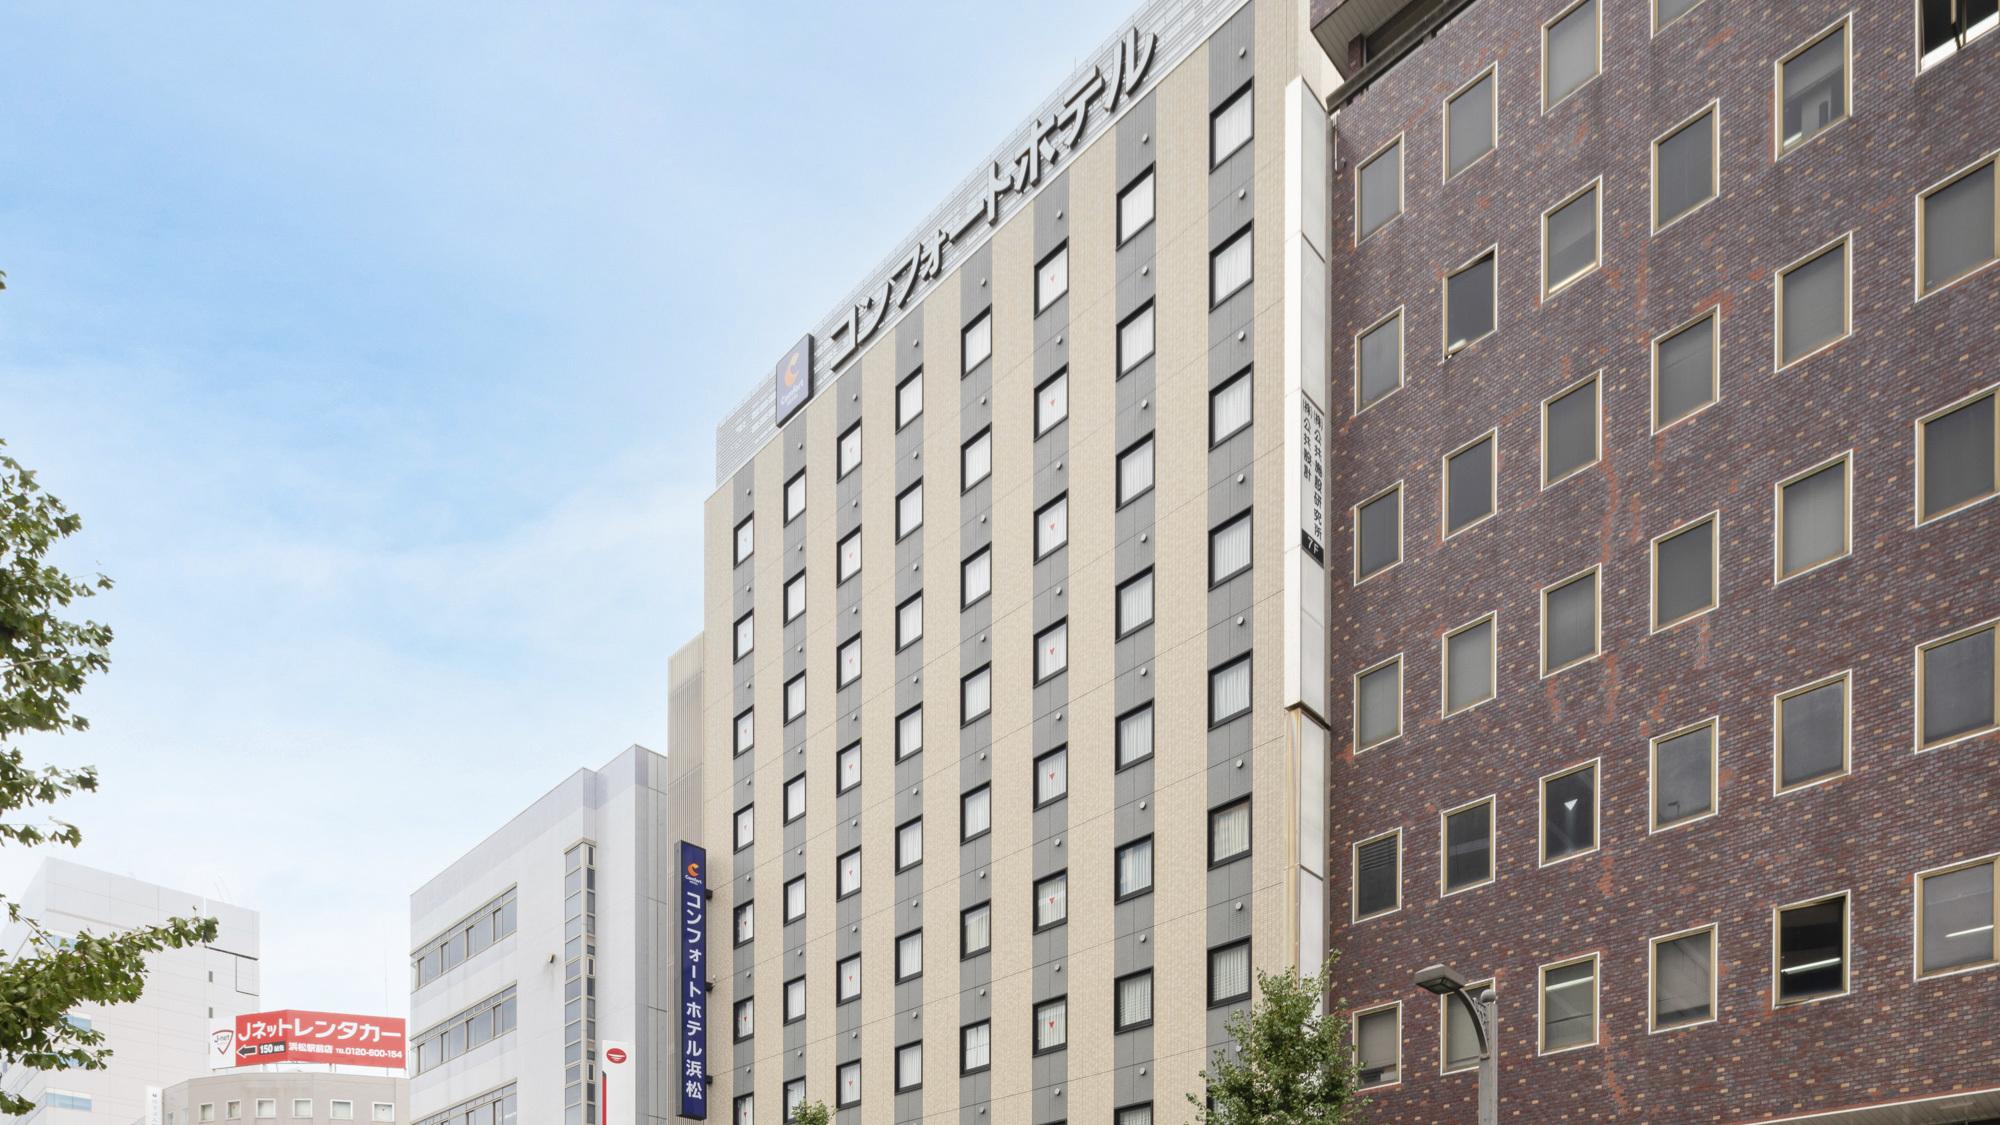 コンフォートホテル浜松(2020年2月28日リニューアル) image